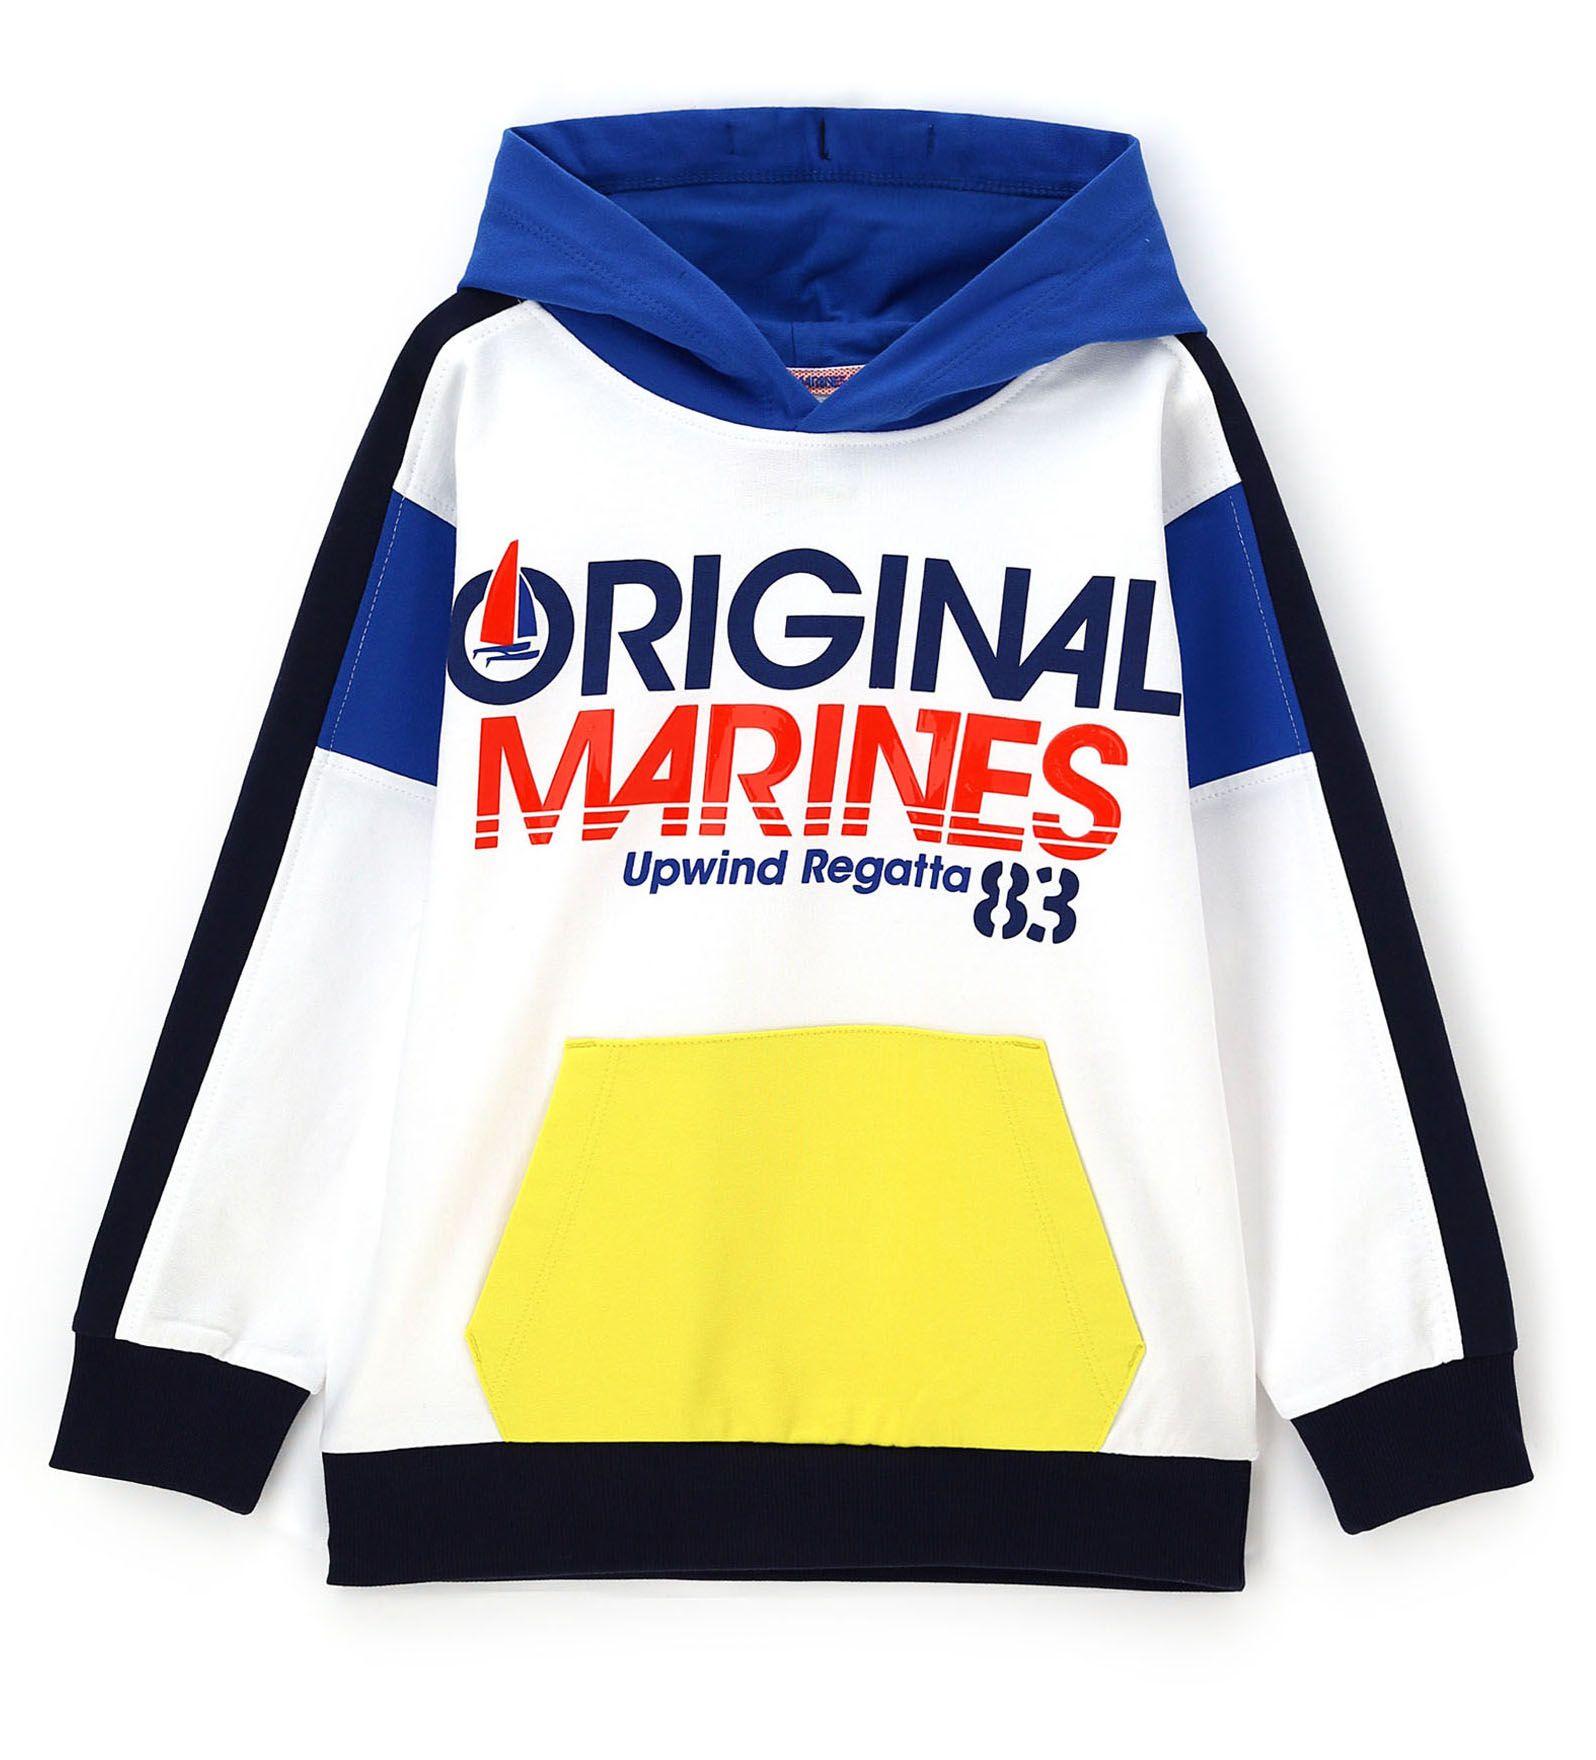 Купить Толстовка Original Marines, белый, 116, Мальчики, весна